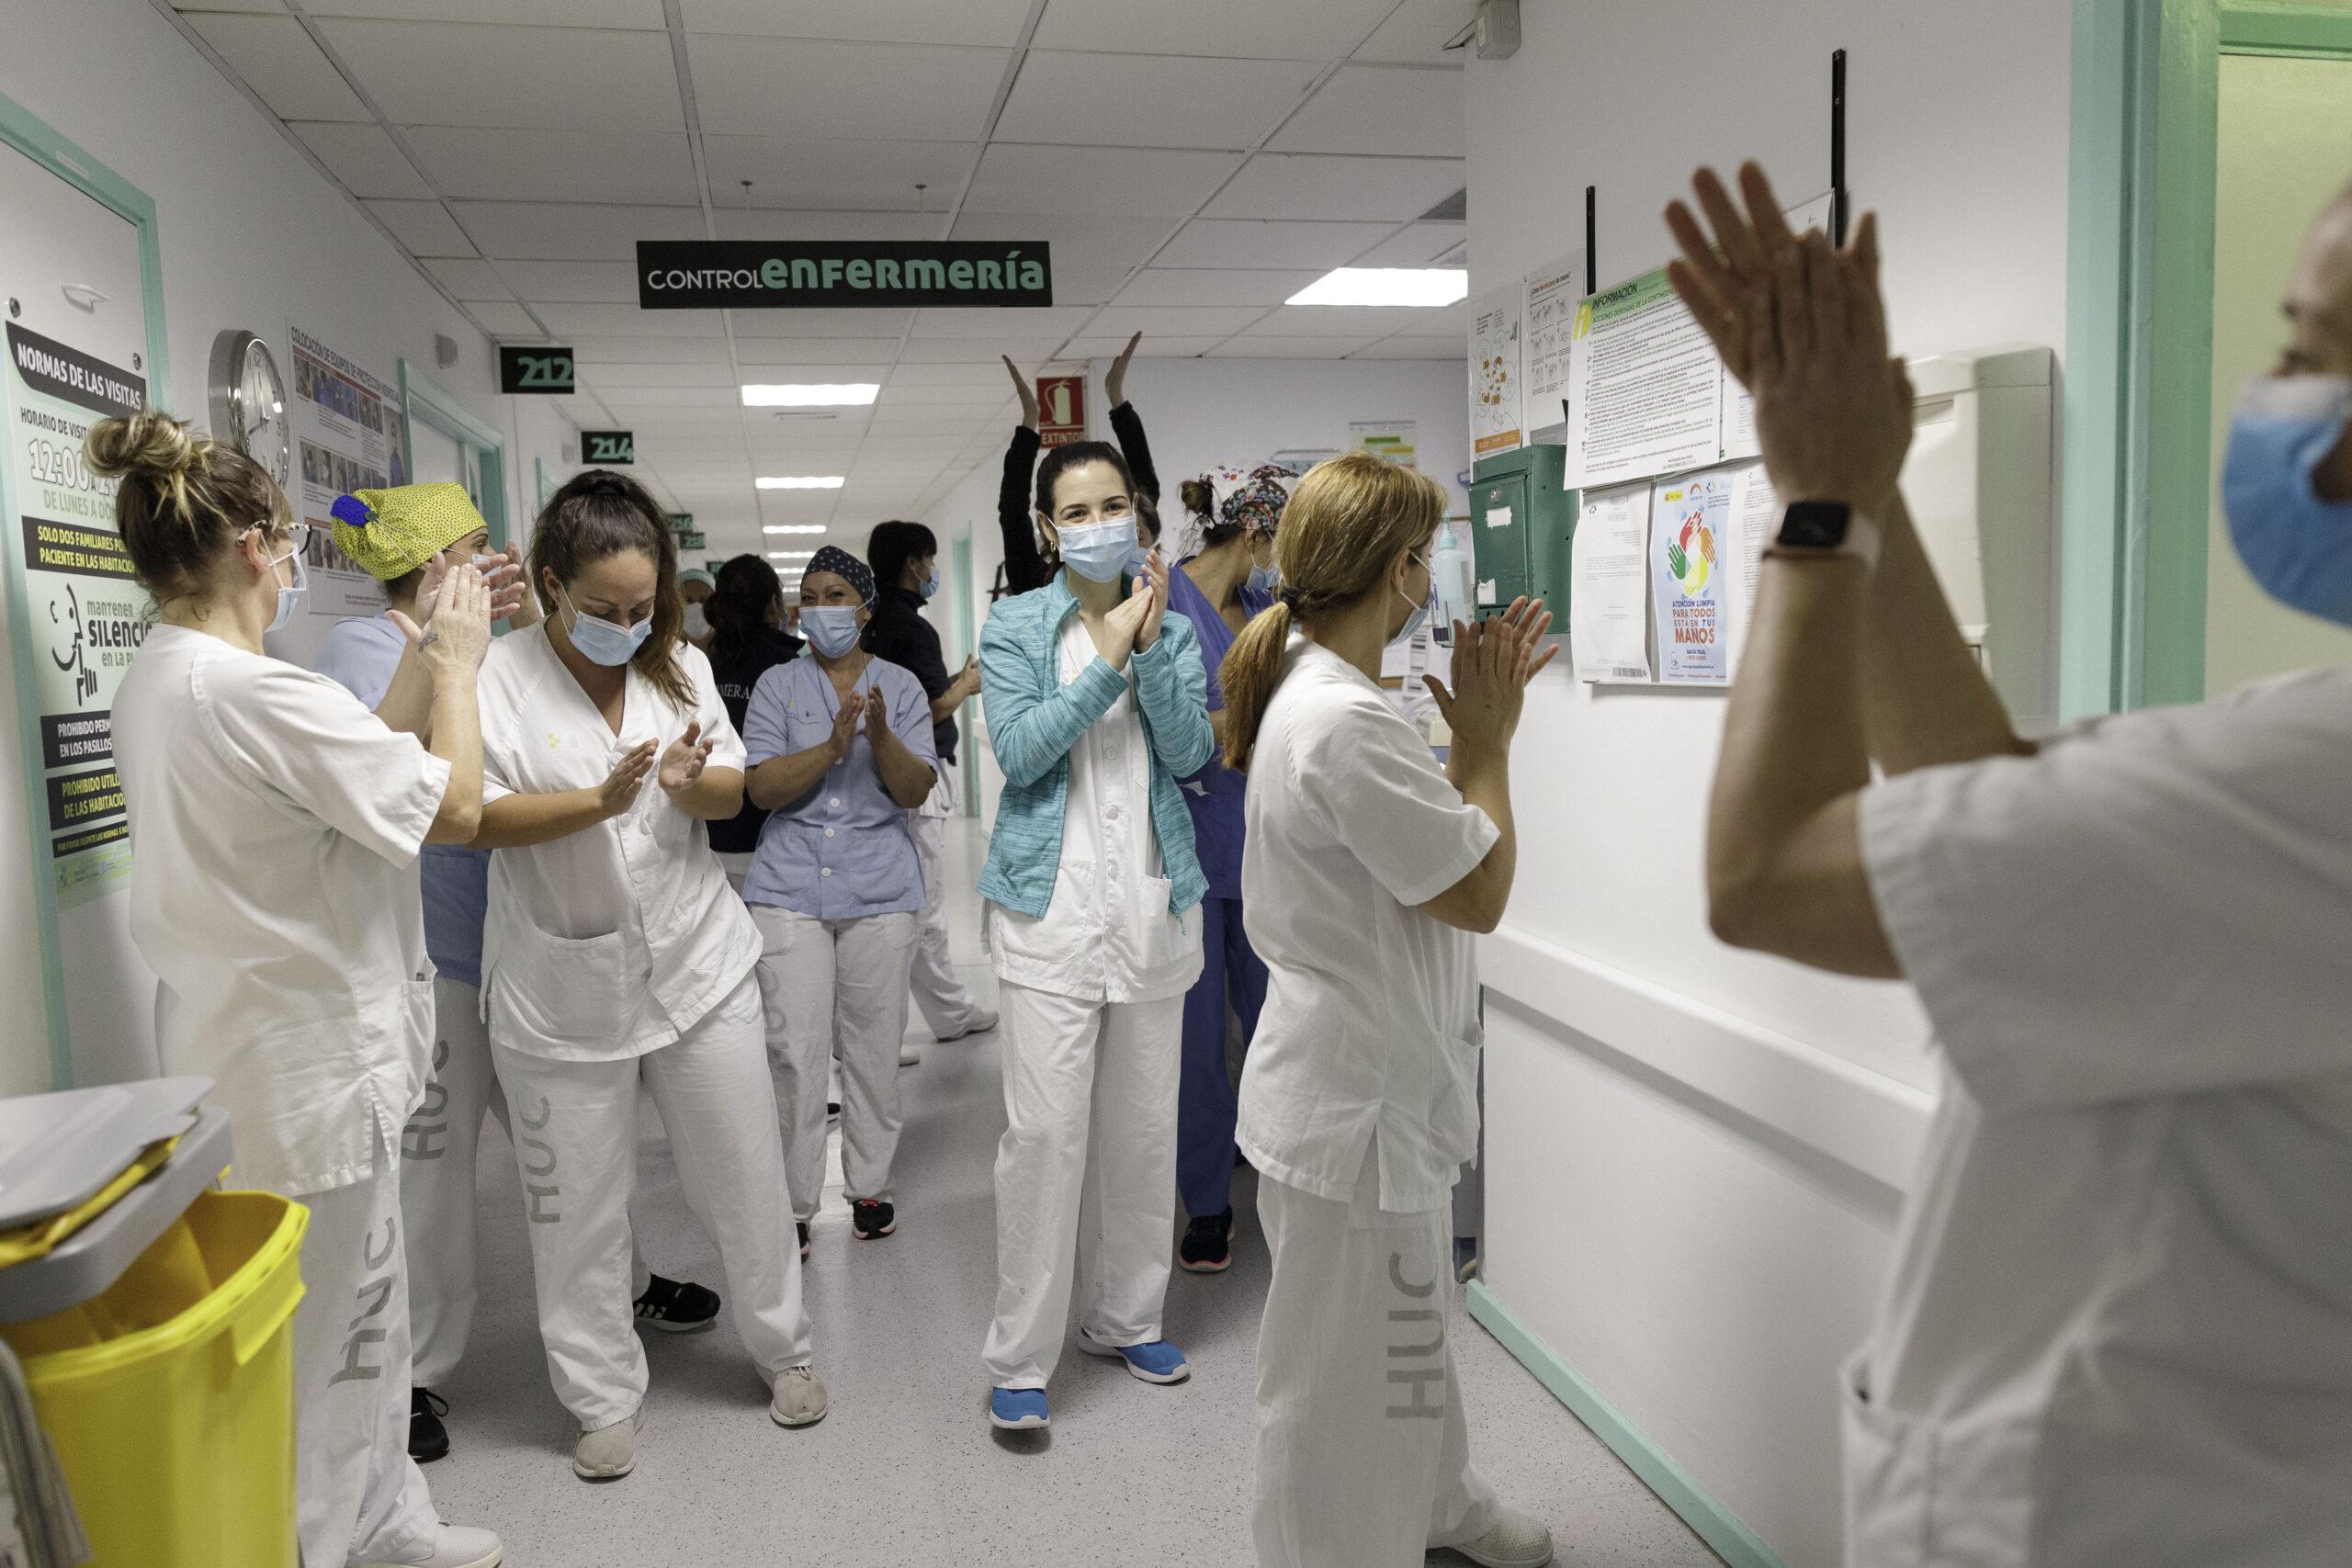 Mención de Honor. Categoría: Sociedad (Serie). Personal de enfermería de la planta de hospitalización de Covid.19 2ª PAR del Hospital Universitario de Canarias, se da ánimos tras superar una semana más de atención a los enfermos. Ramón de la Rocha